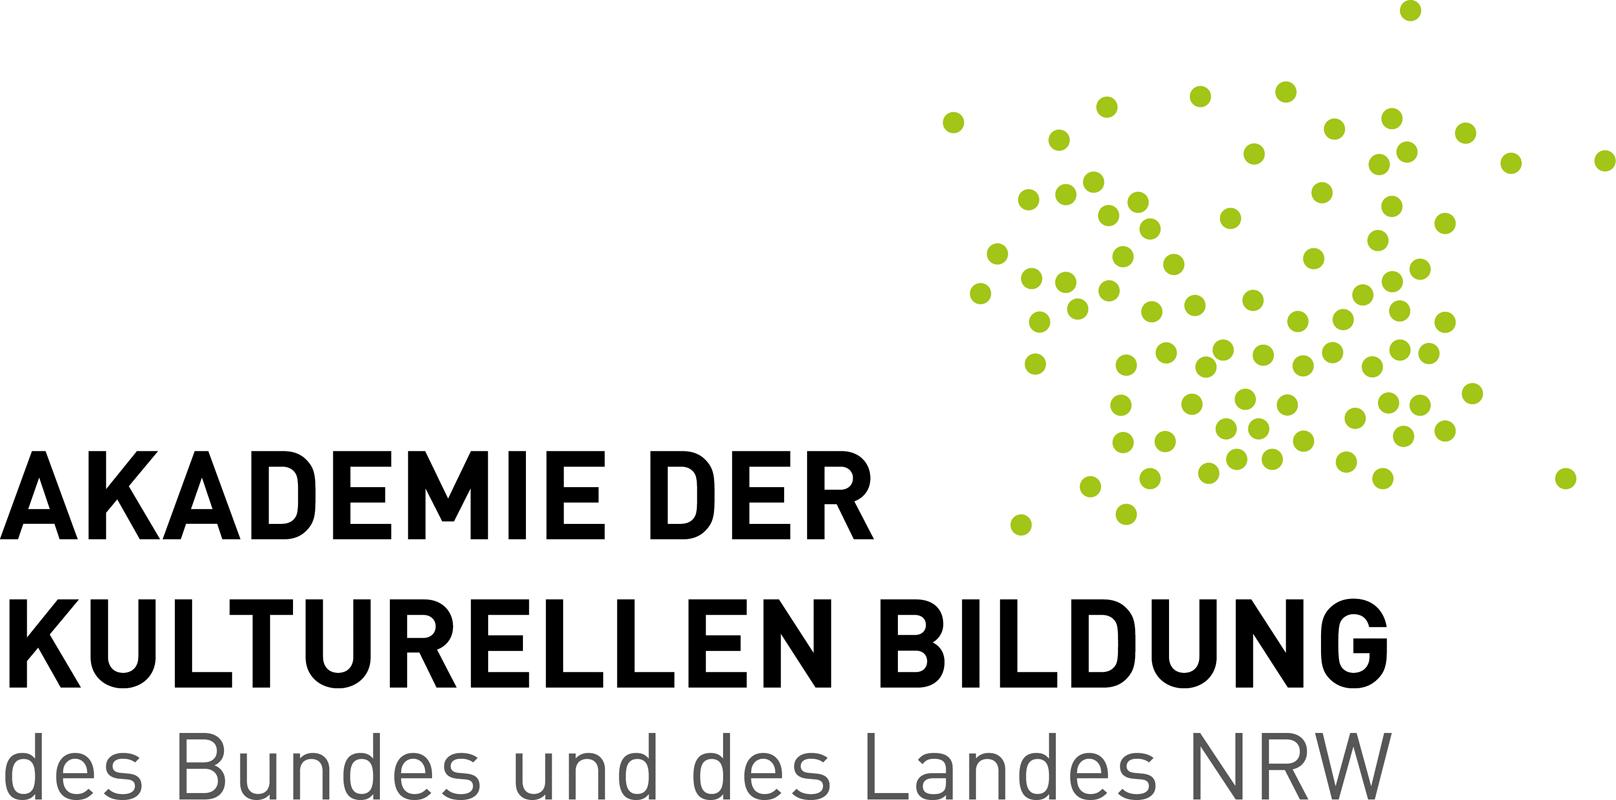 Akademie der Kulturellen Bildung des Bundes und des Landes NRW